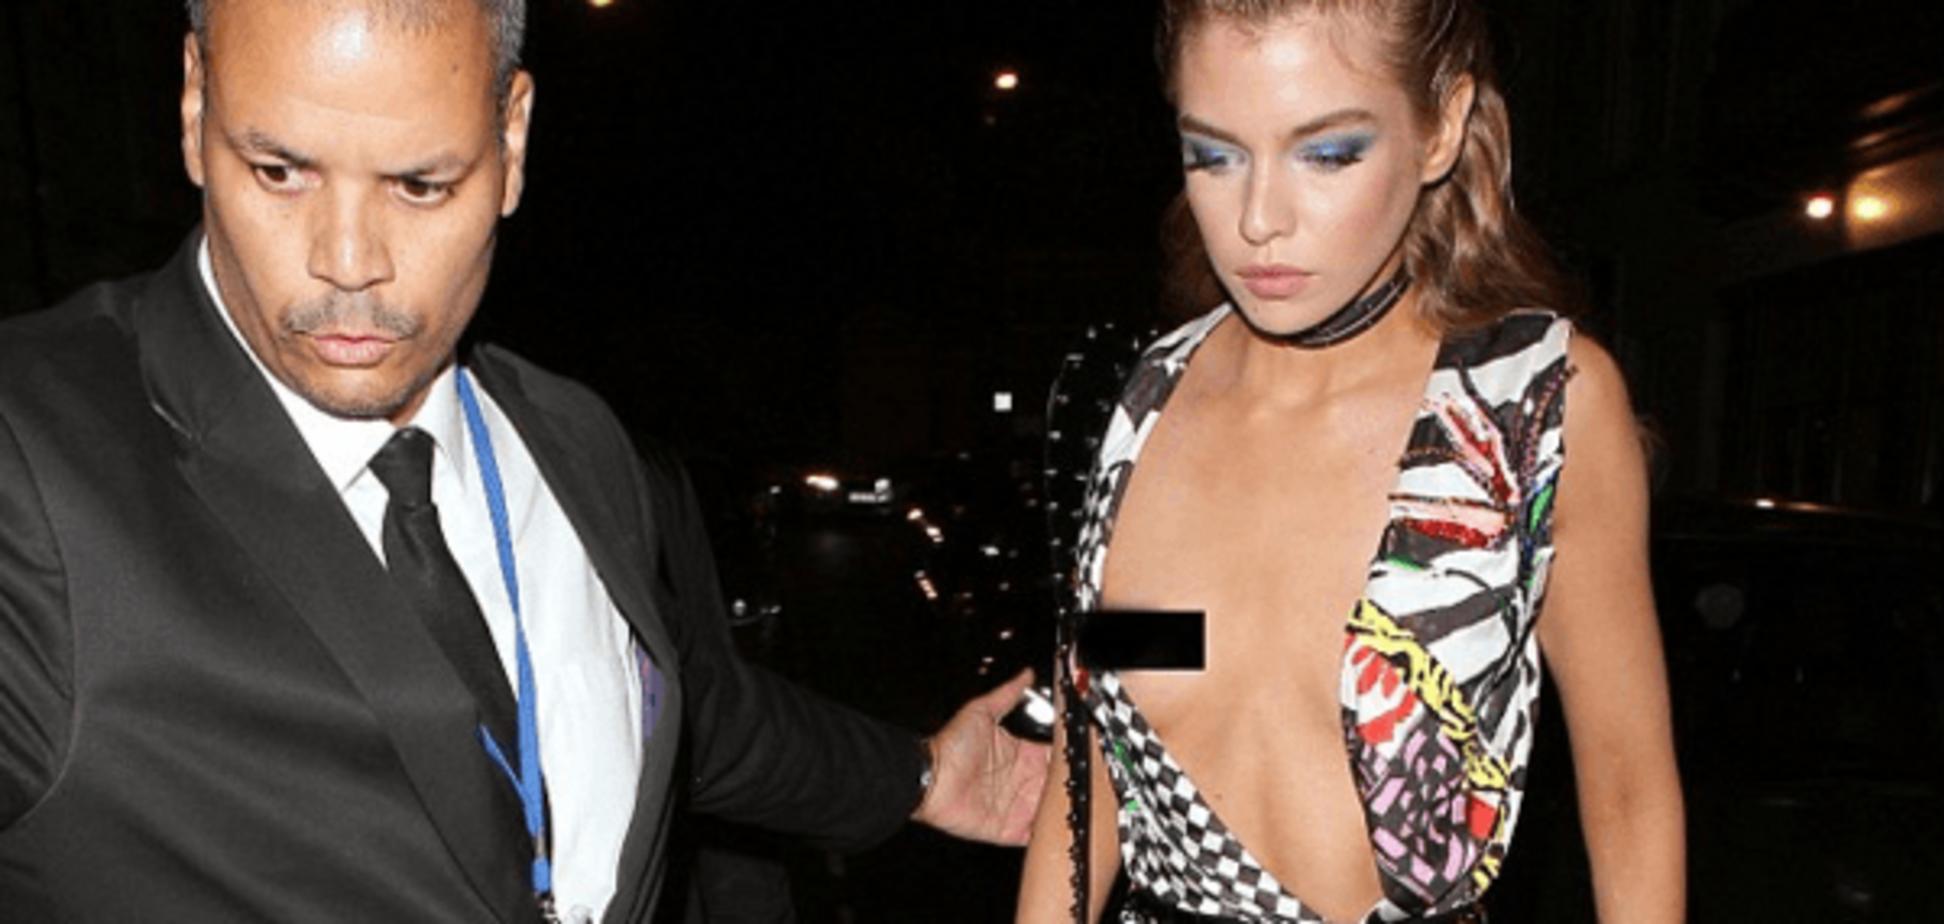 Конфуз в Лондоне: 'ангел' Victoria's Secret засветила грудь на светской вечеринке